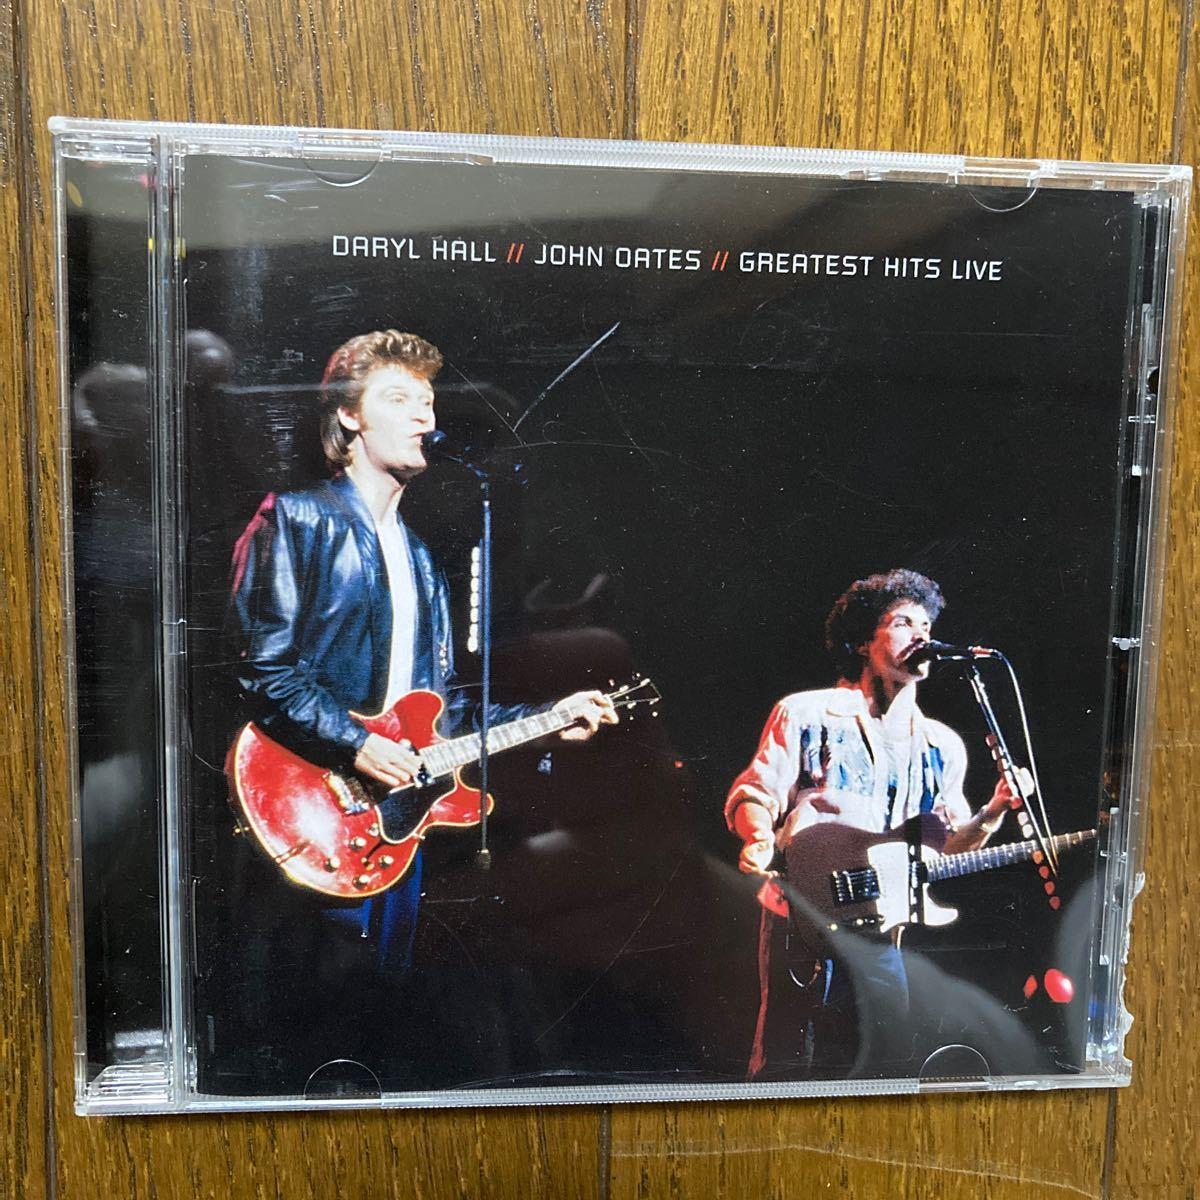 CD  ダリル ホール &  ジョン オーツ Greatest hits live